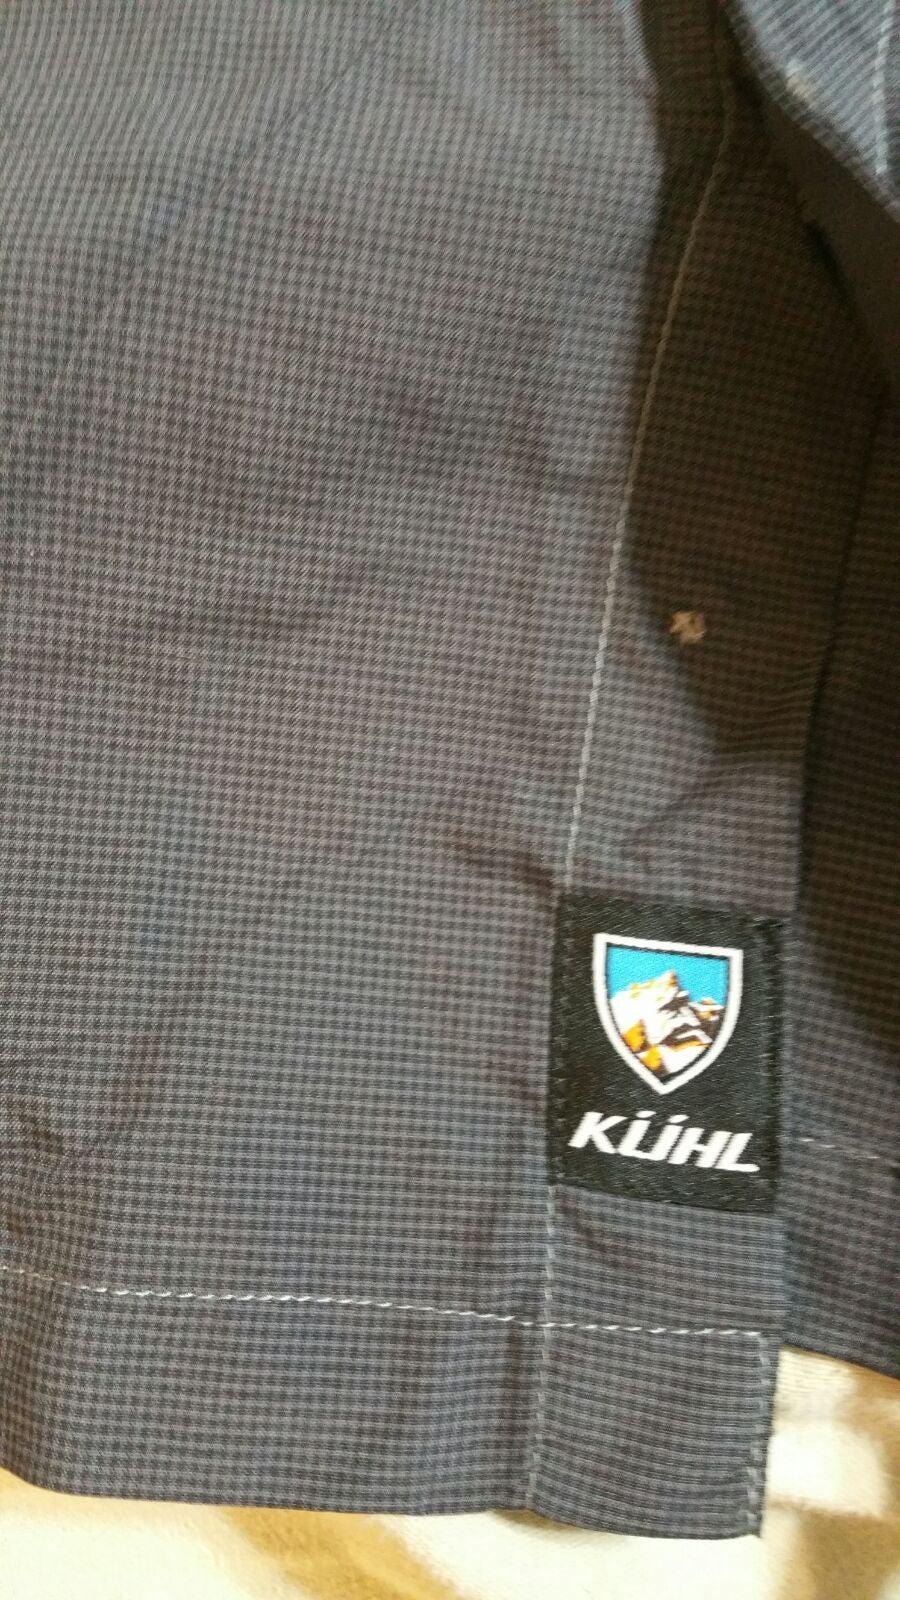 kuhl large men's hiking shirt l